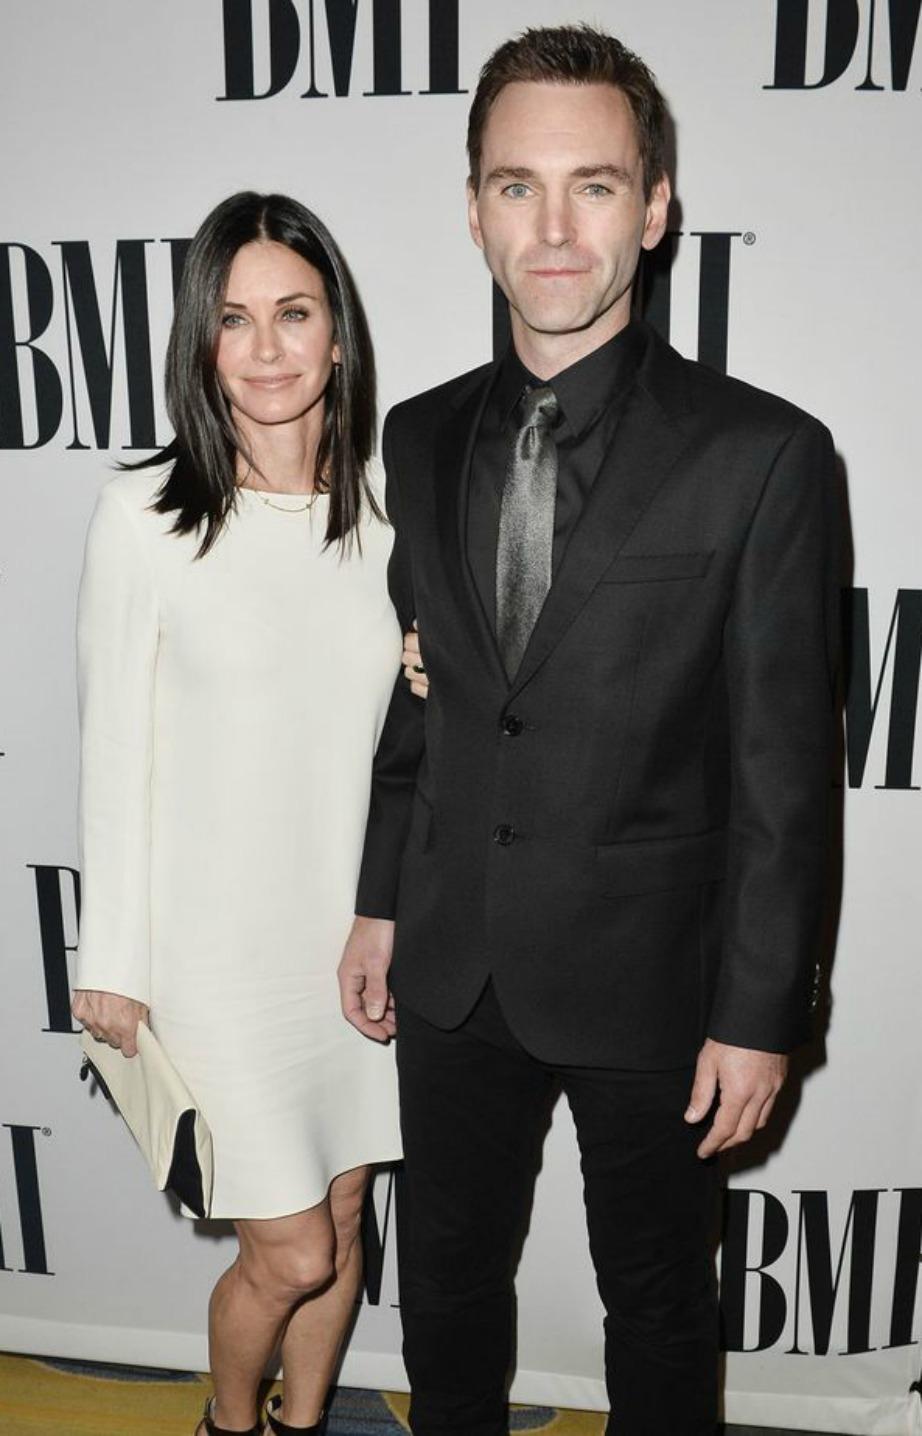 Η Courteney ποζάρει με τον αγαπημένο της. Το ζευγάρι μένει πλέον σε άλλο σπίτι στο Los Angeles.